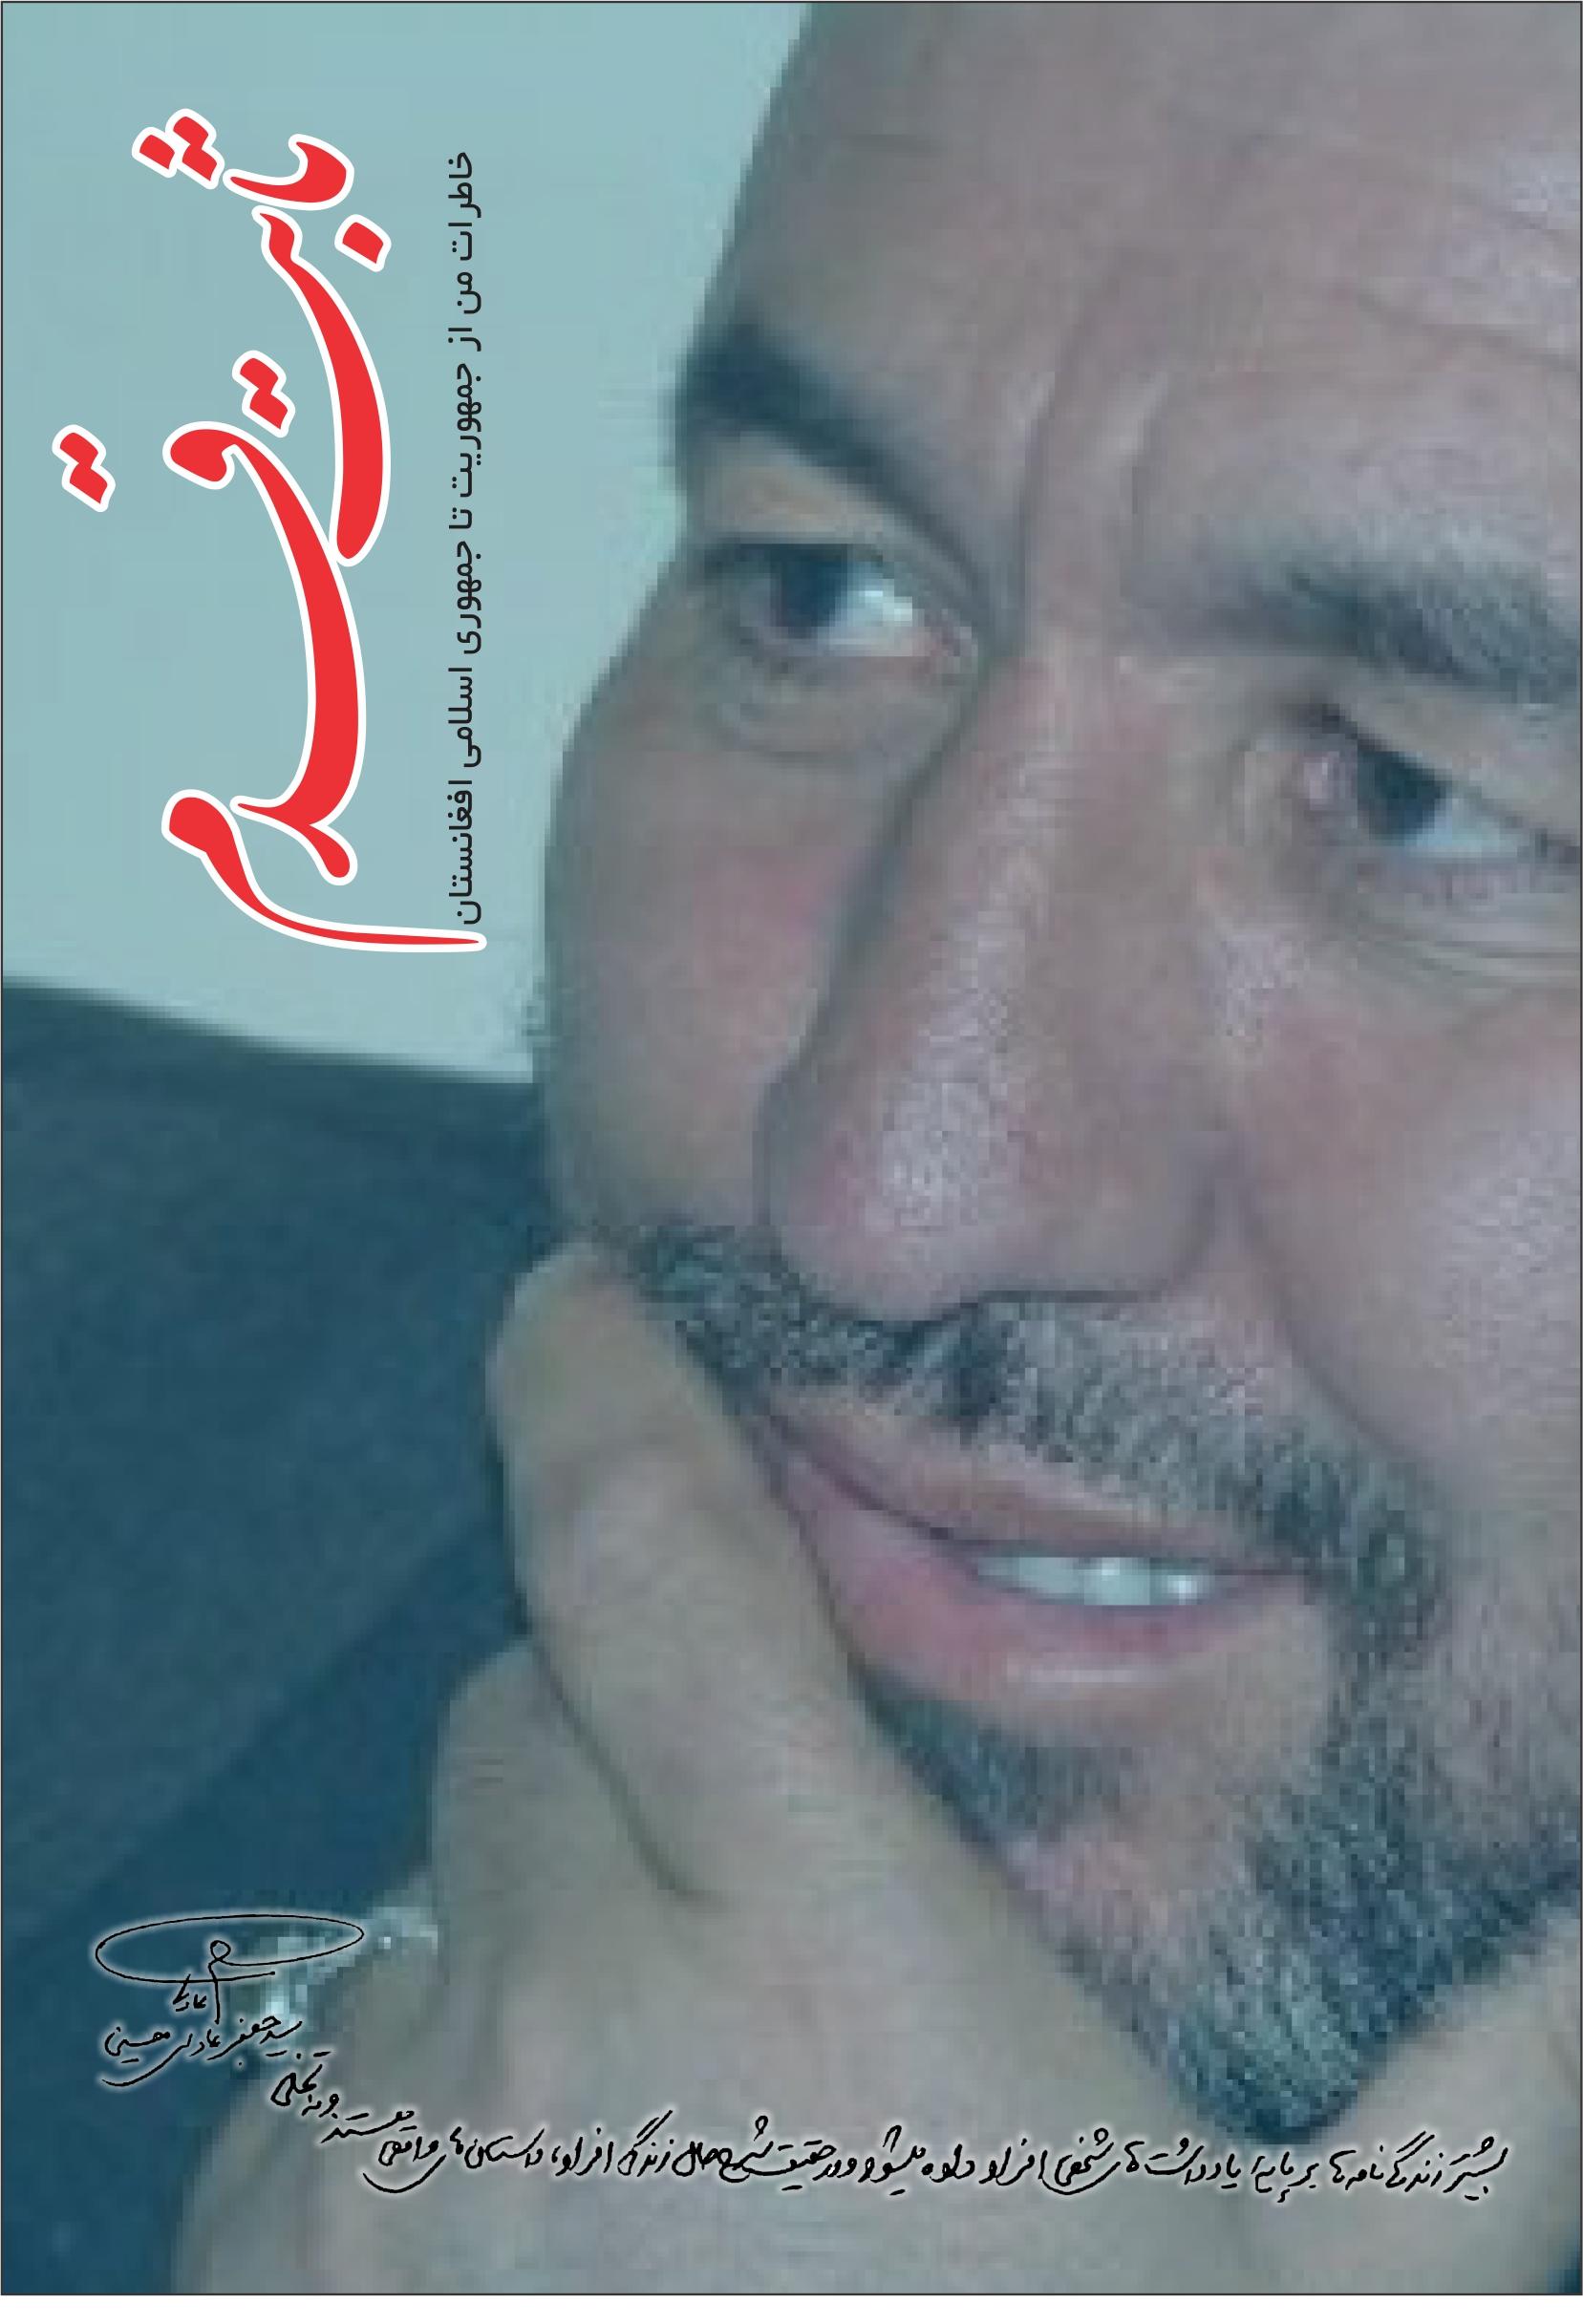 ثابت قدم(خاطرات من از جمهوریت تا جمهورى اسلامى افغانستان)